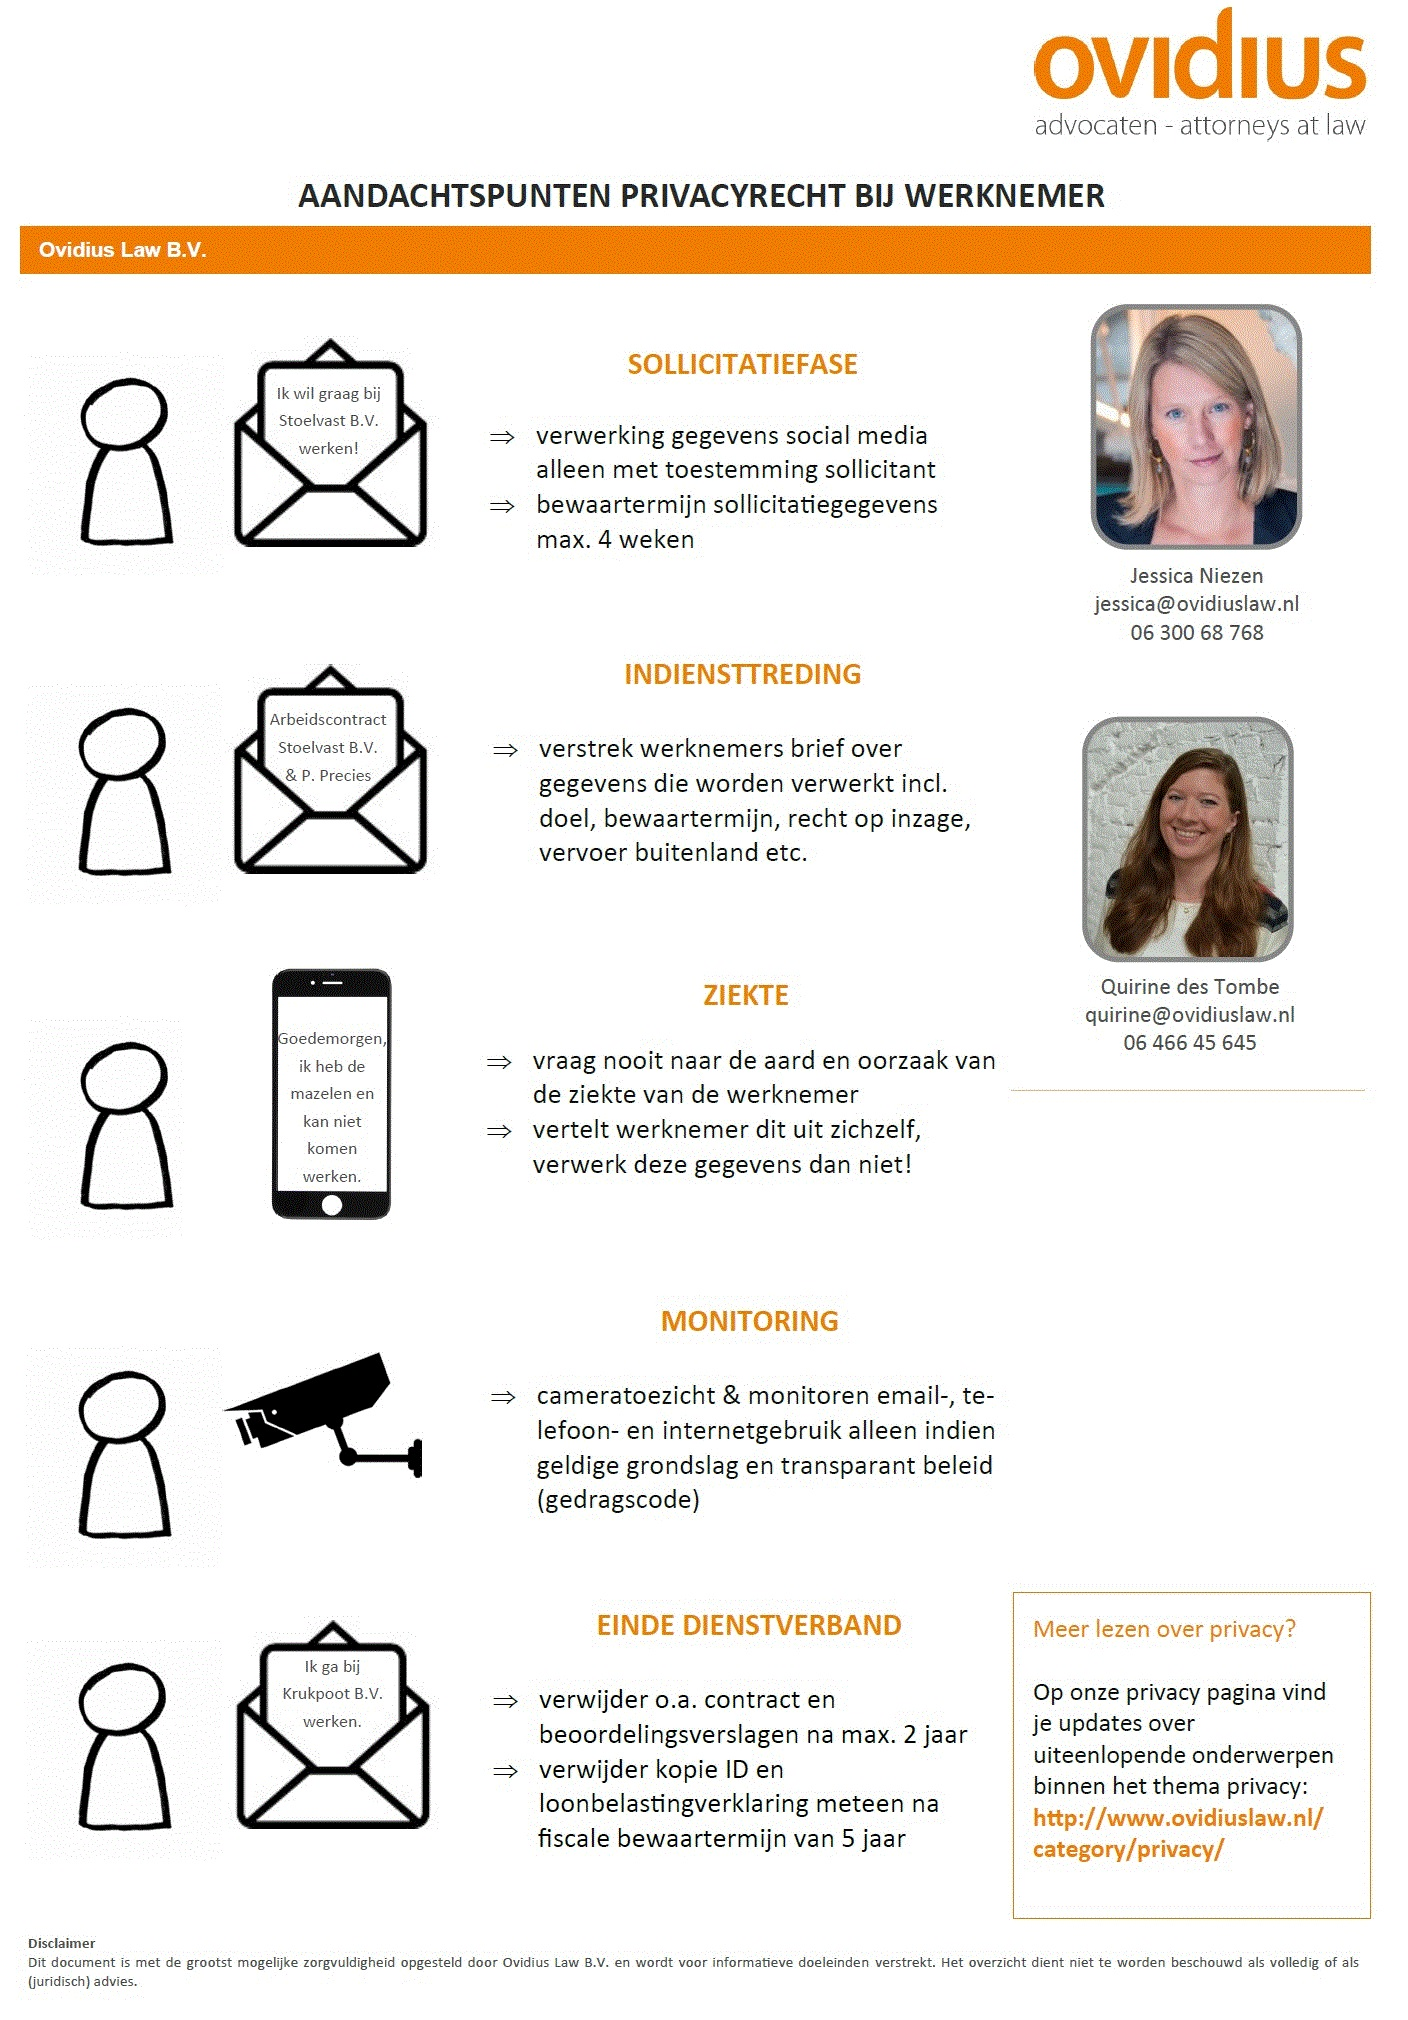 Aandachtspunten ovidius – de avg op de werkvloer: aandachtspunten op een rij